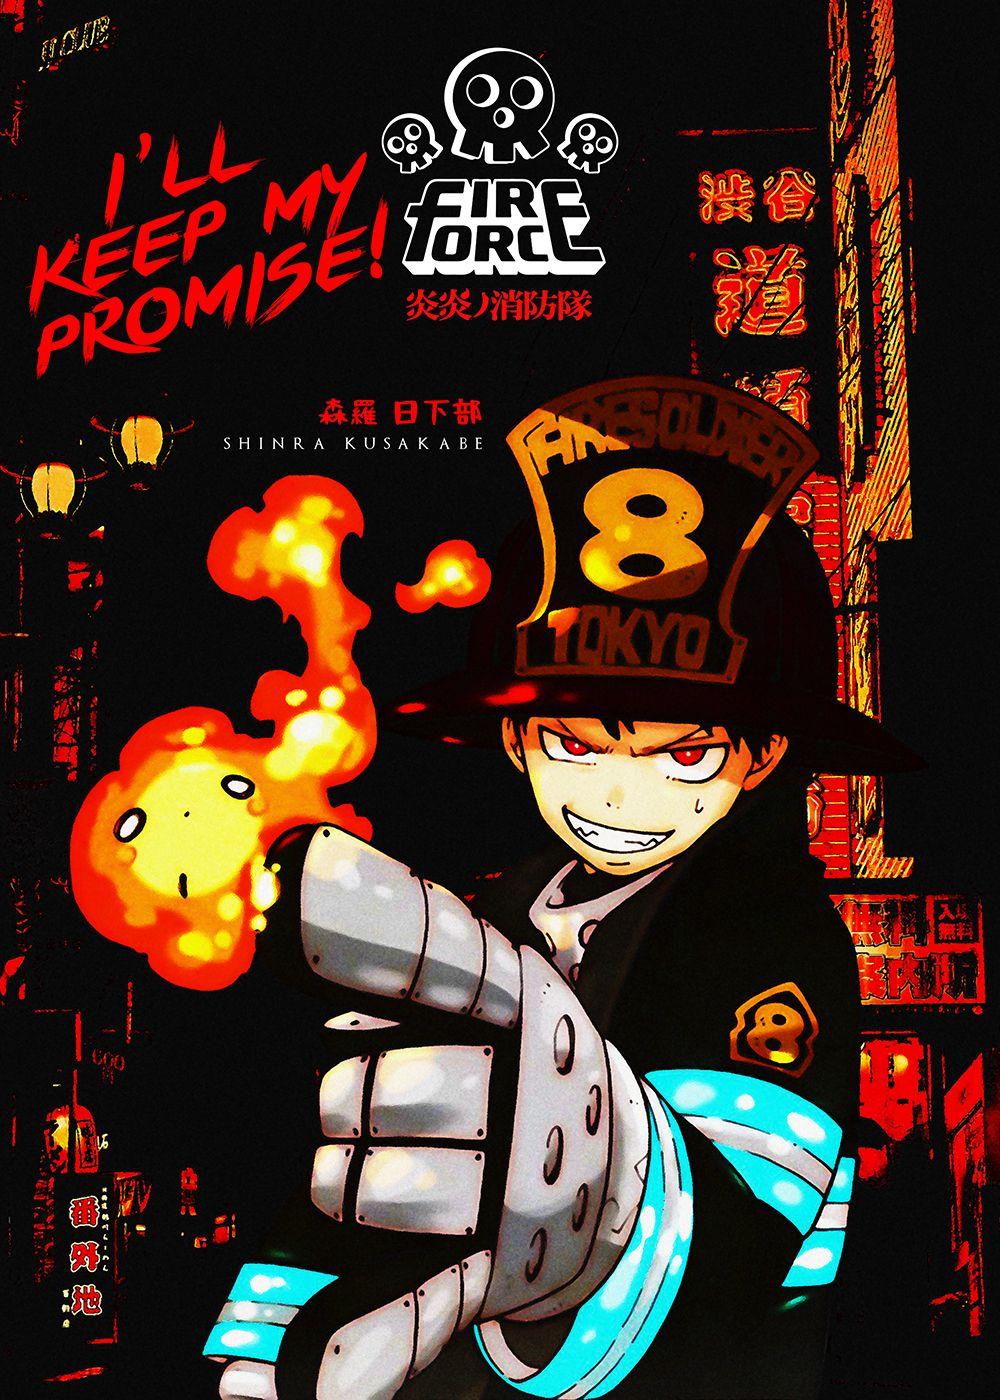 An art inspired by the hit anime series Fire Force. #fireforce #shinra #anime #animeme #anime_girl #anime_kawaii #animeartassistant #animegirl #animelove #animeinstagram #animeart #animemes #animefreak #animescene #animeartist #animefans #animelover #animeedits #animes #animememes #anime_cute #animedrawing #animestyle #anime4life #animeindo #animemanga